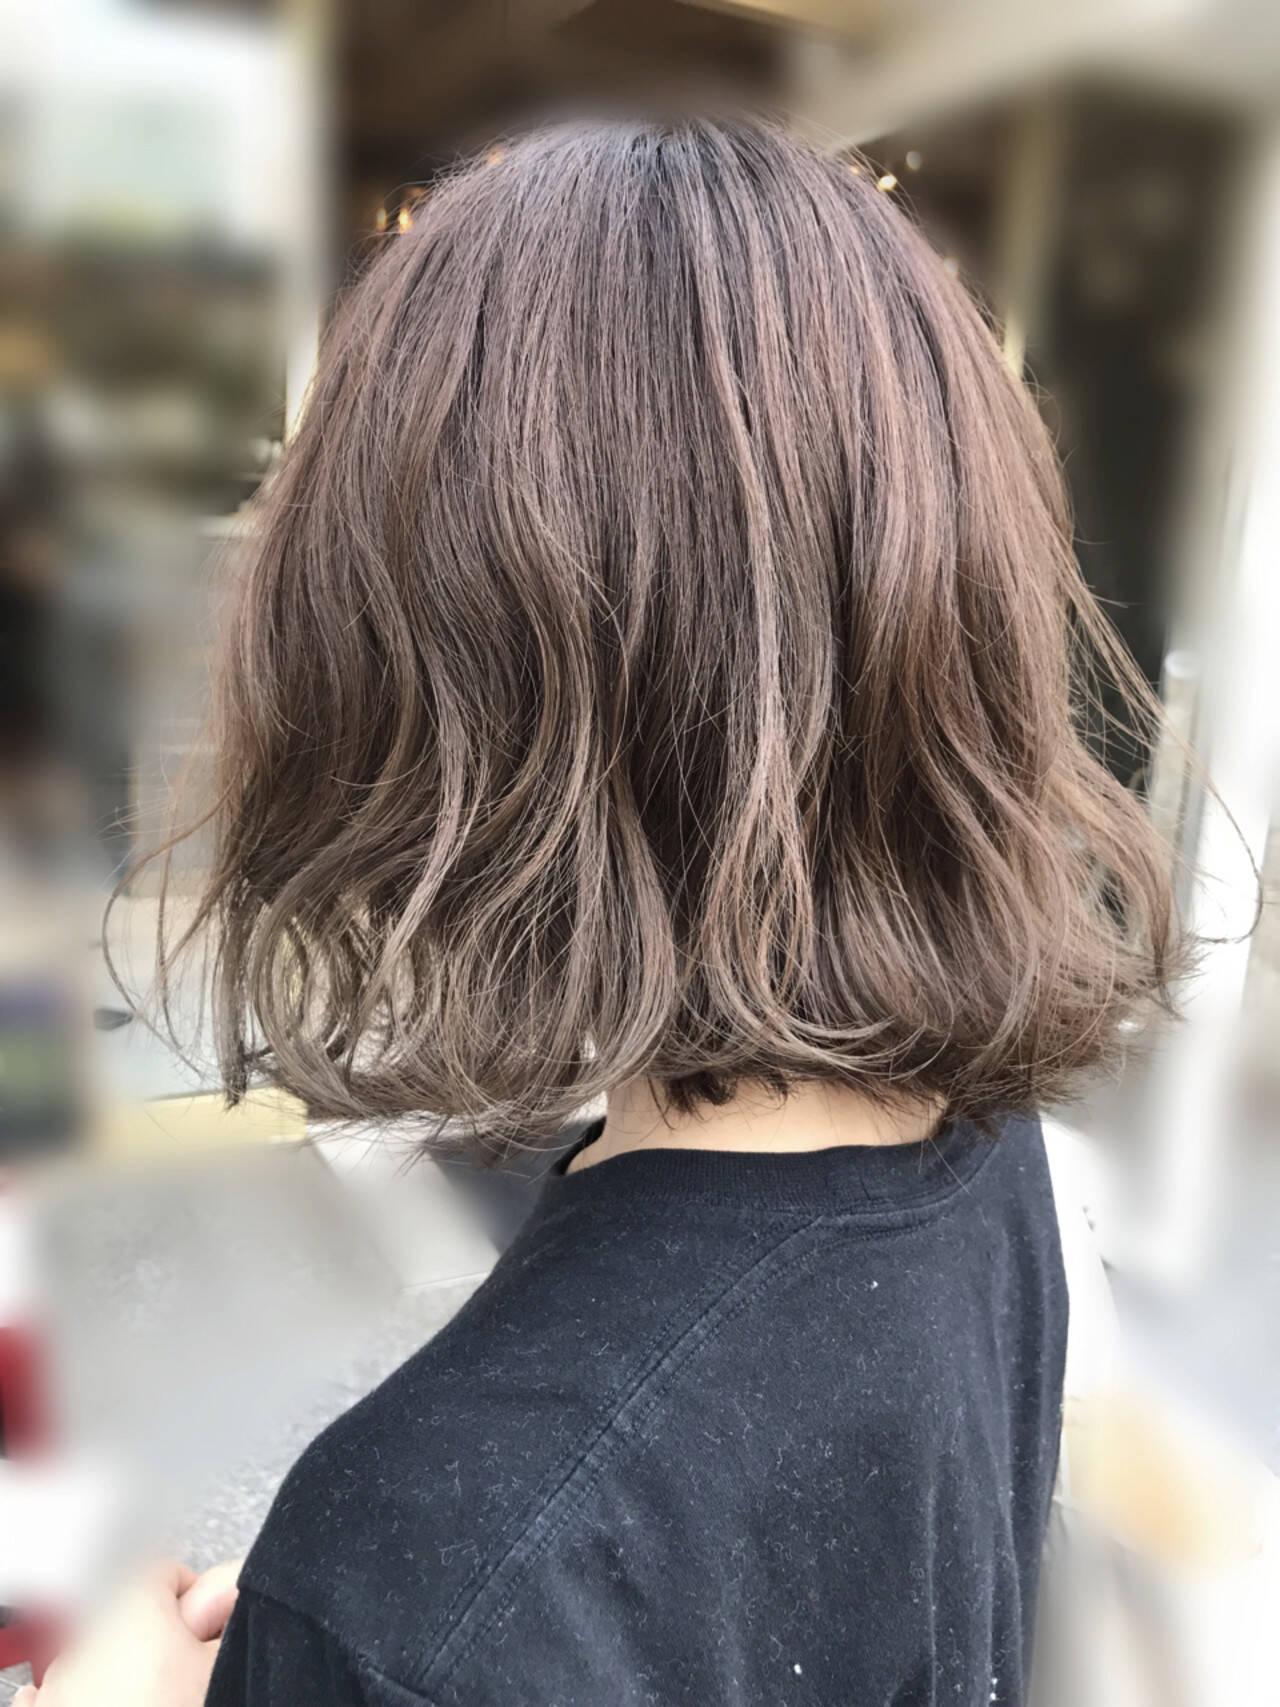 ボブ 外ハネ アッシュベージュ ハイライトヘアスタイルや髪型の写真・画像